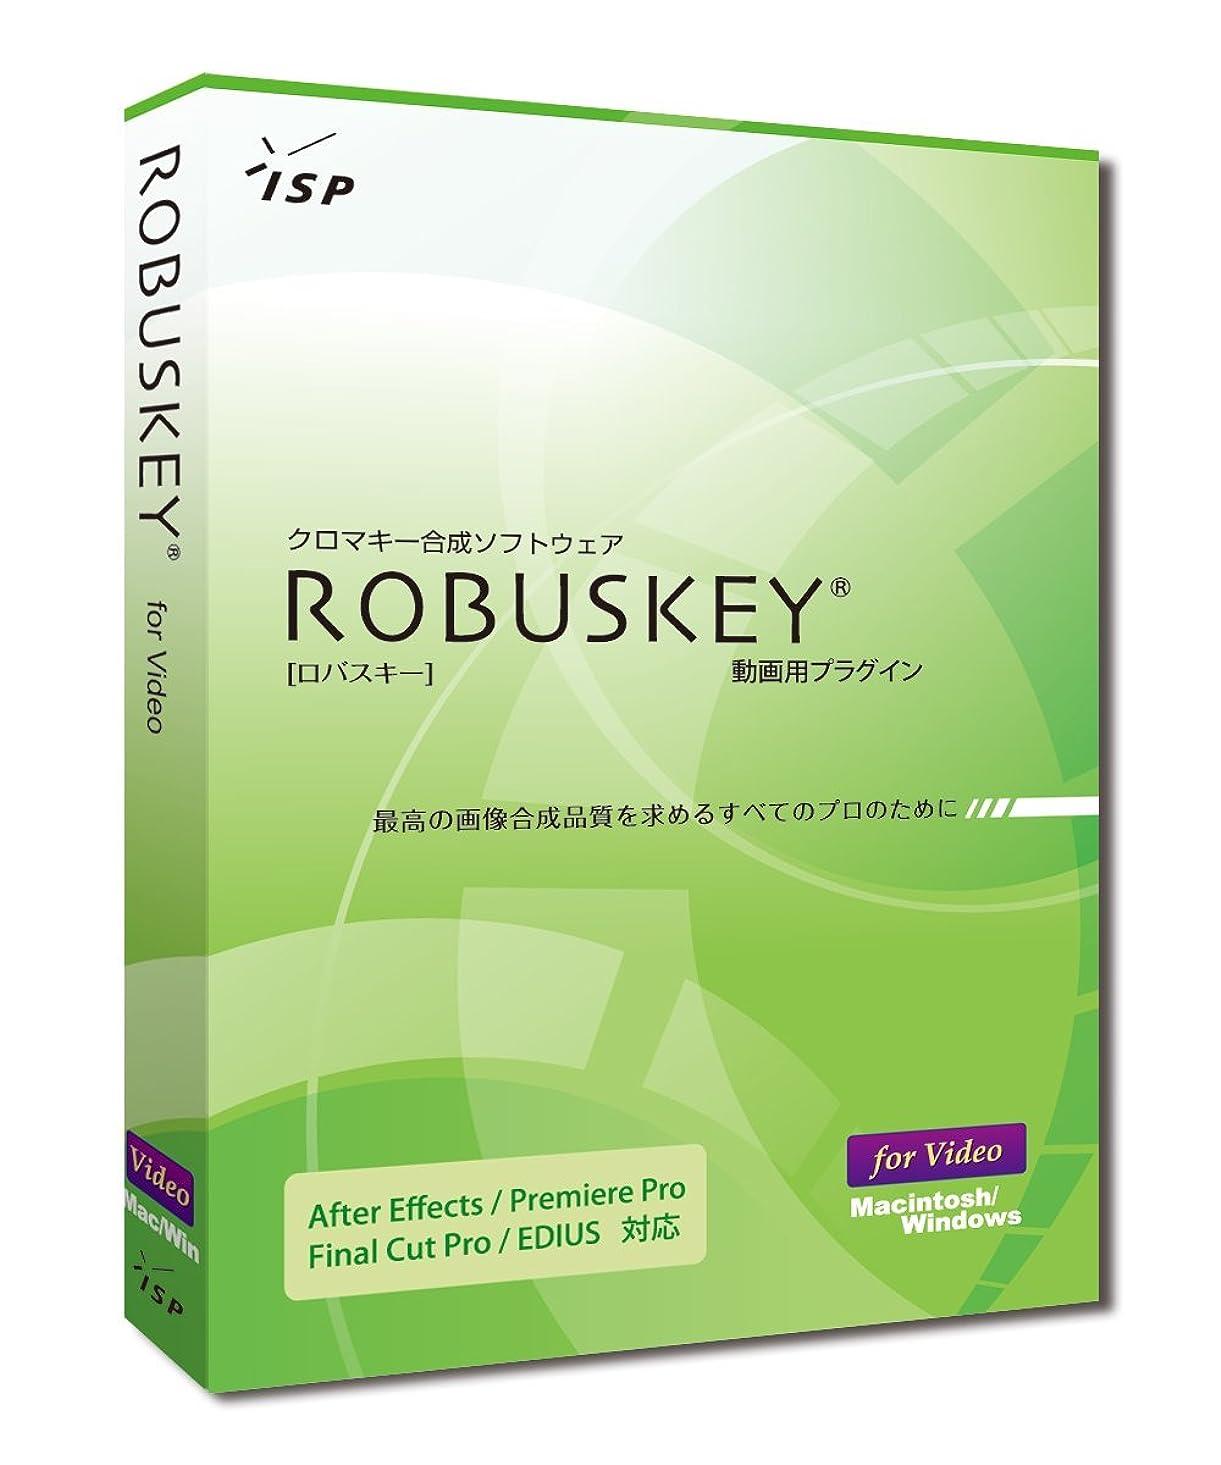 エスニックぎこちない思慮深いROBUSKEY for Video [ロバスキー動画版]